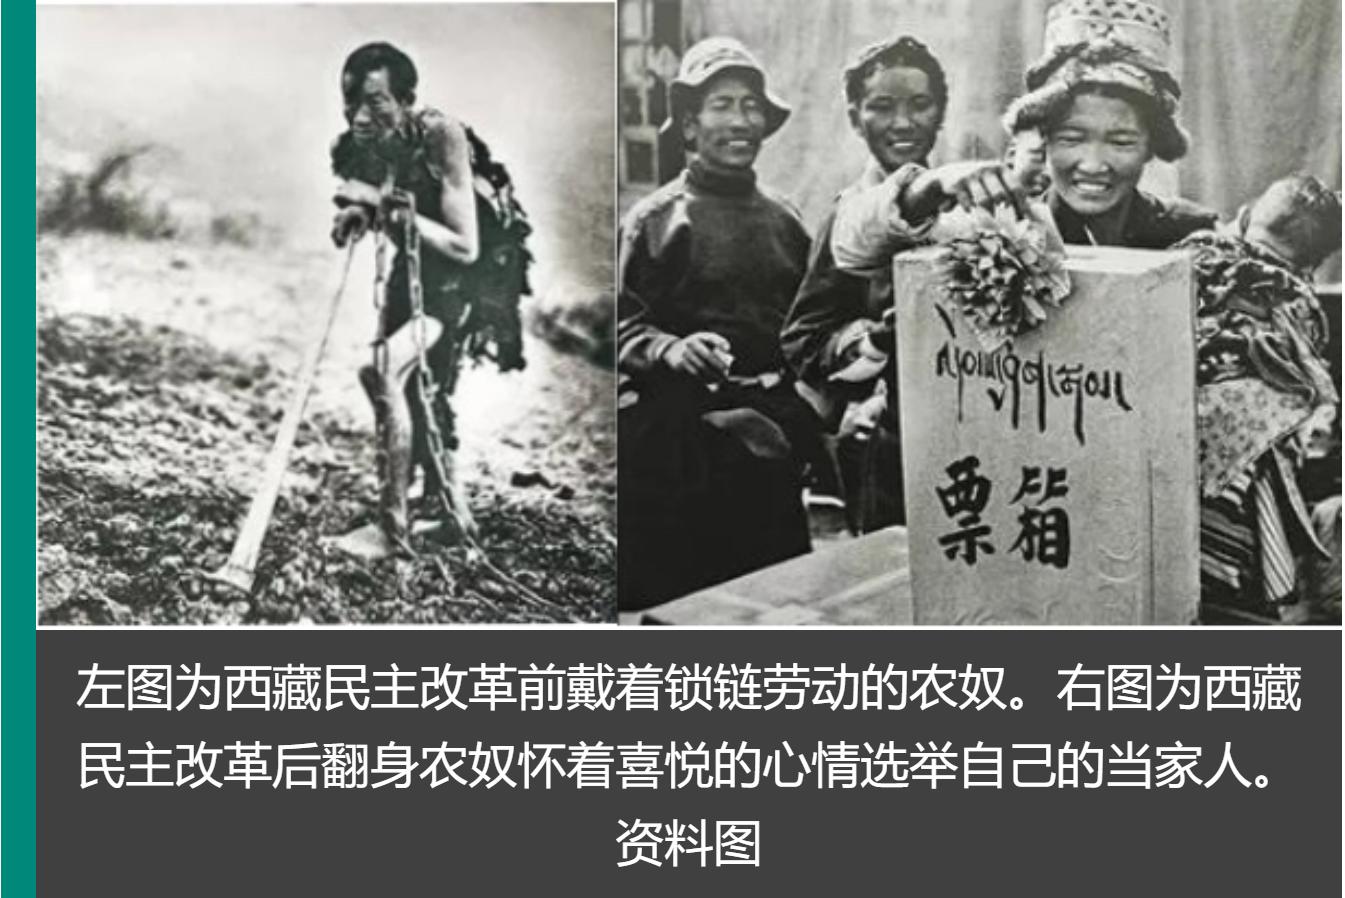 """一条""""天路""""修到拉萨,为藏区人民带来了希望。那一镐一个星火开拓出来的漫漫征程上,鸣奏过一曲曲青春的""""天路""""壮歌,这歌声里,有这样一家三代人的故事。"""